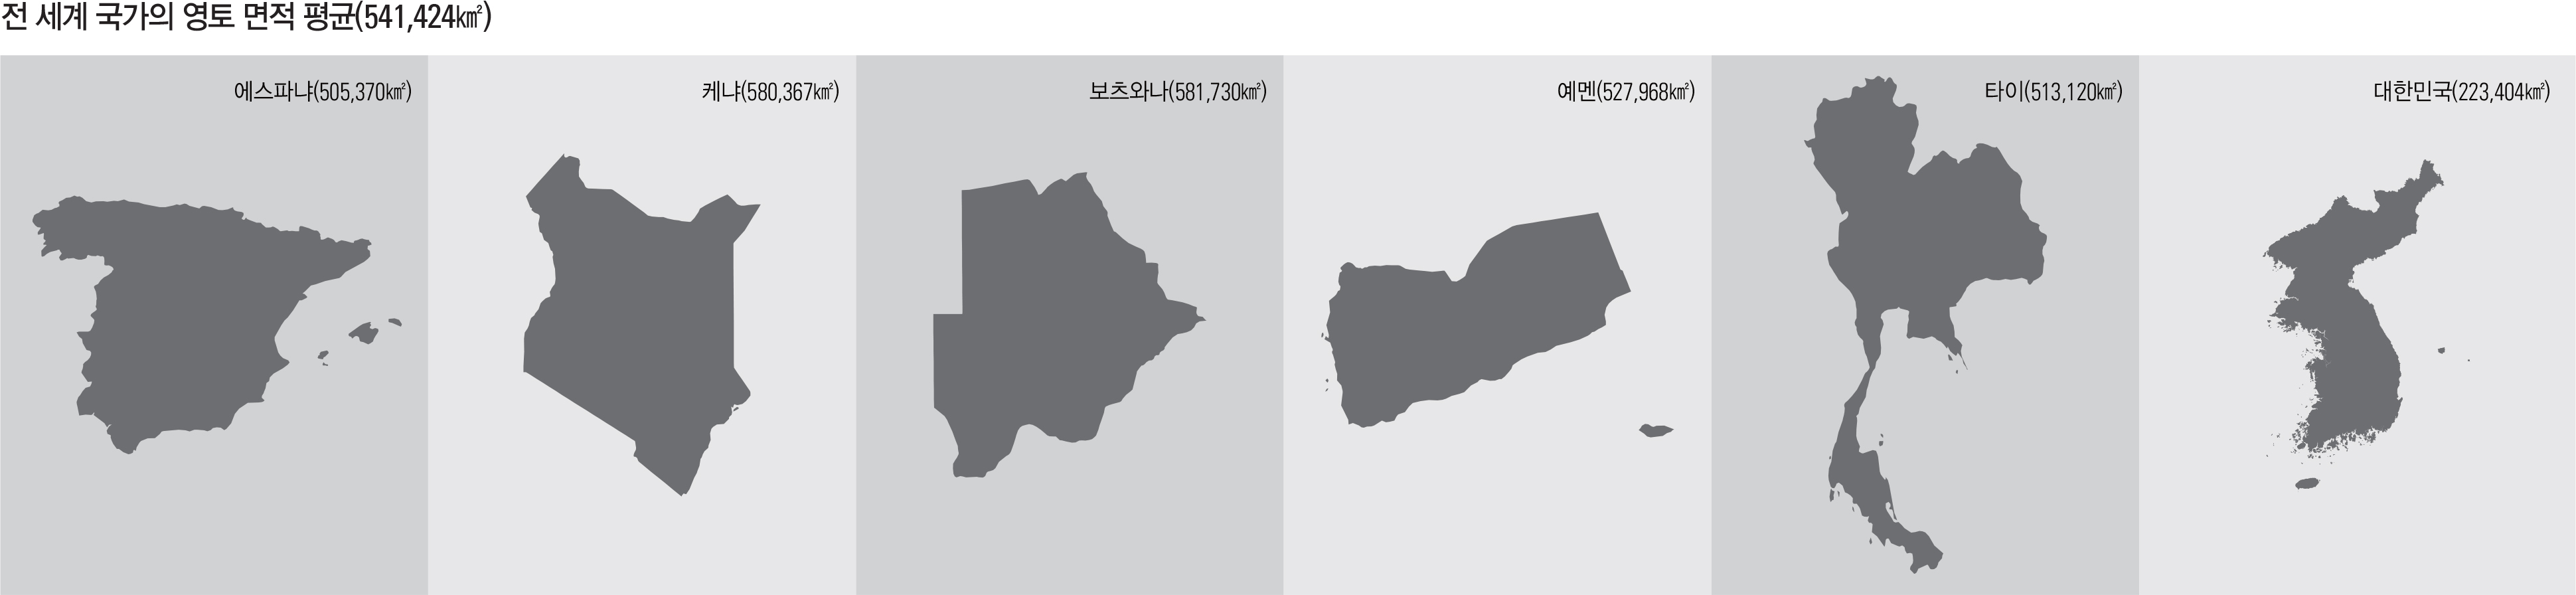 전 세계 국가의 영토 면적 평균